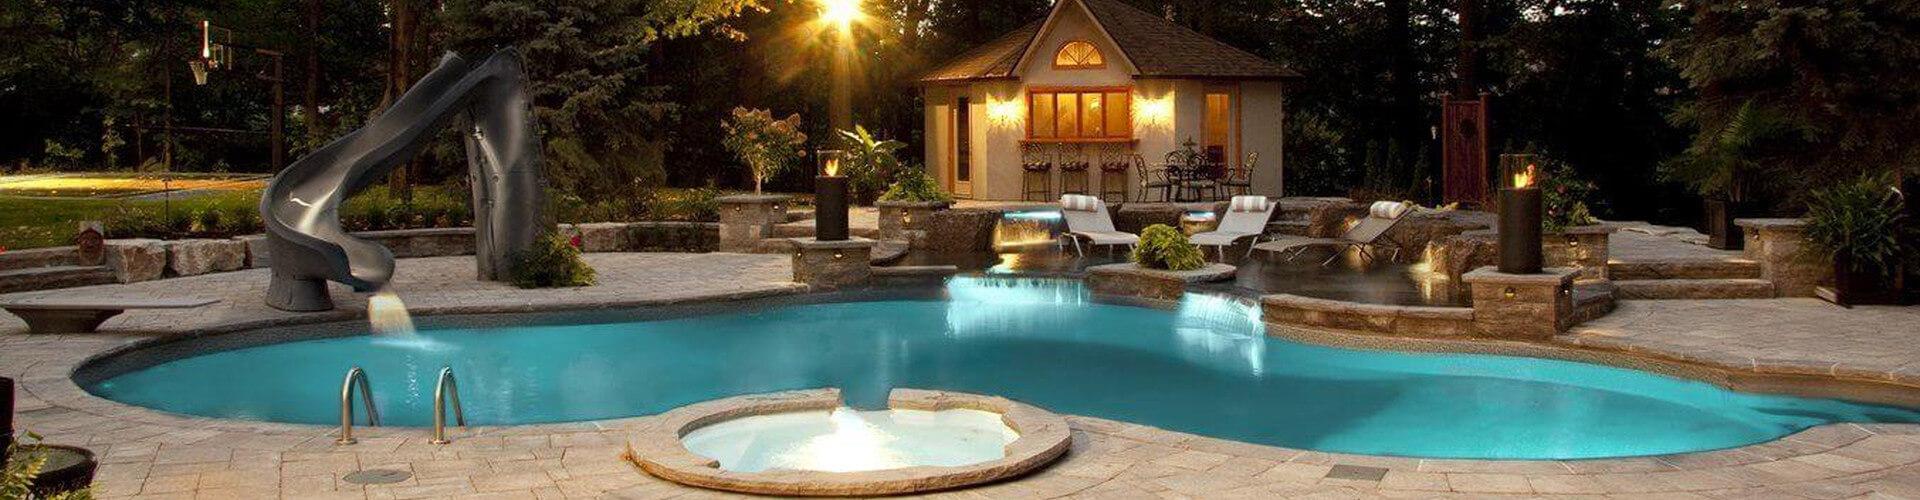 Freeform Inground Pools